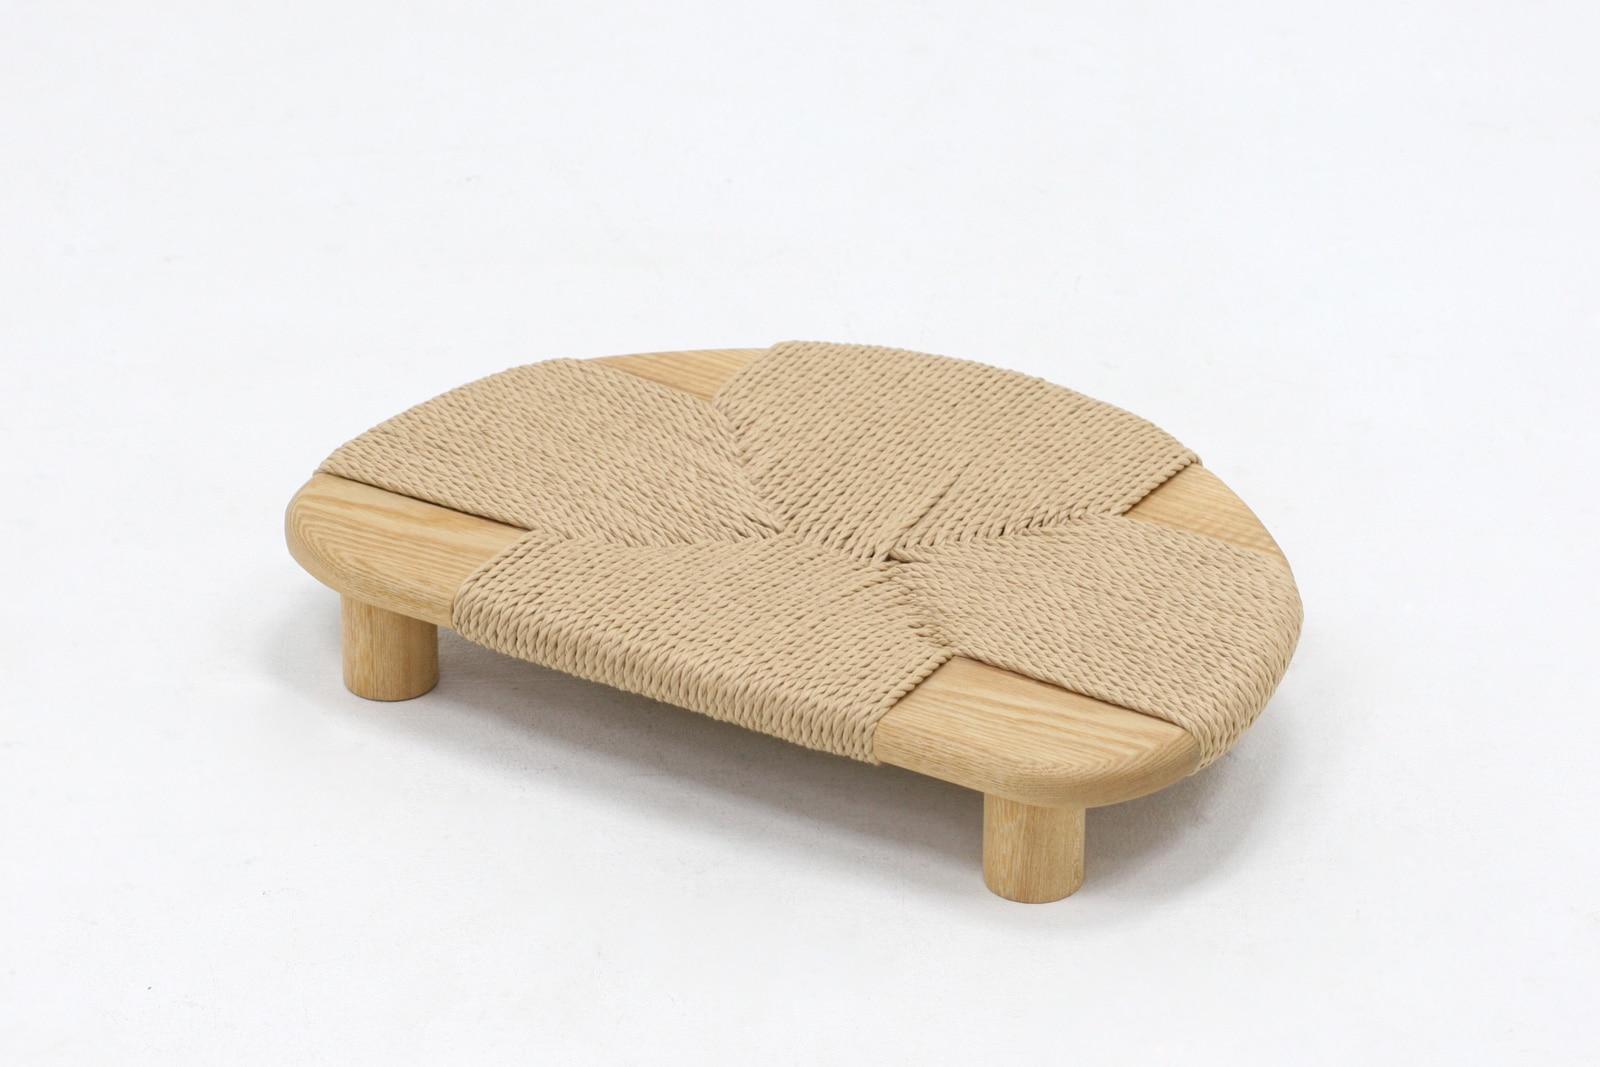 家具職人,手作り,無垢材,座椅子,ペーパーコード